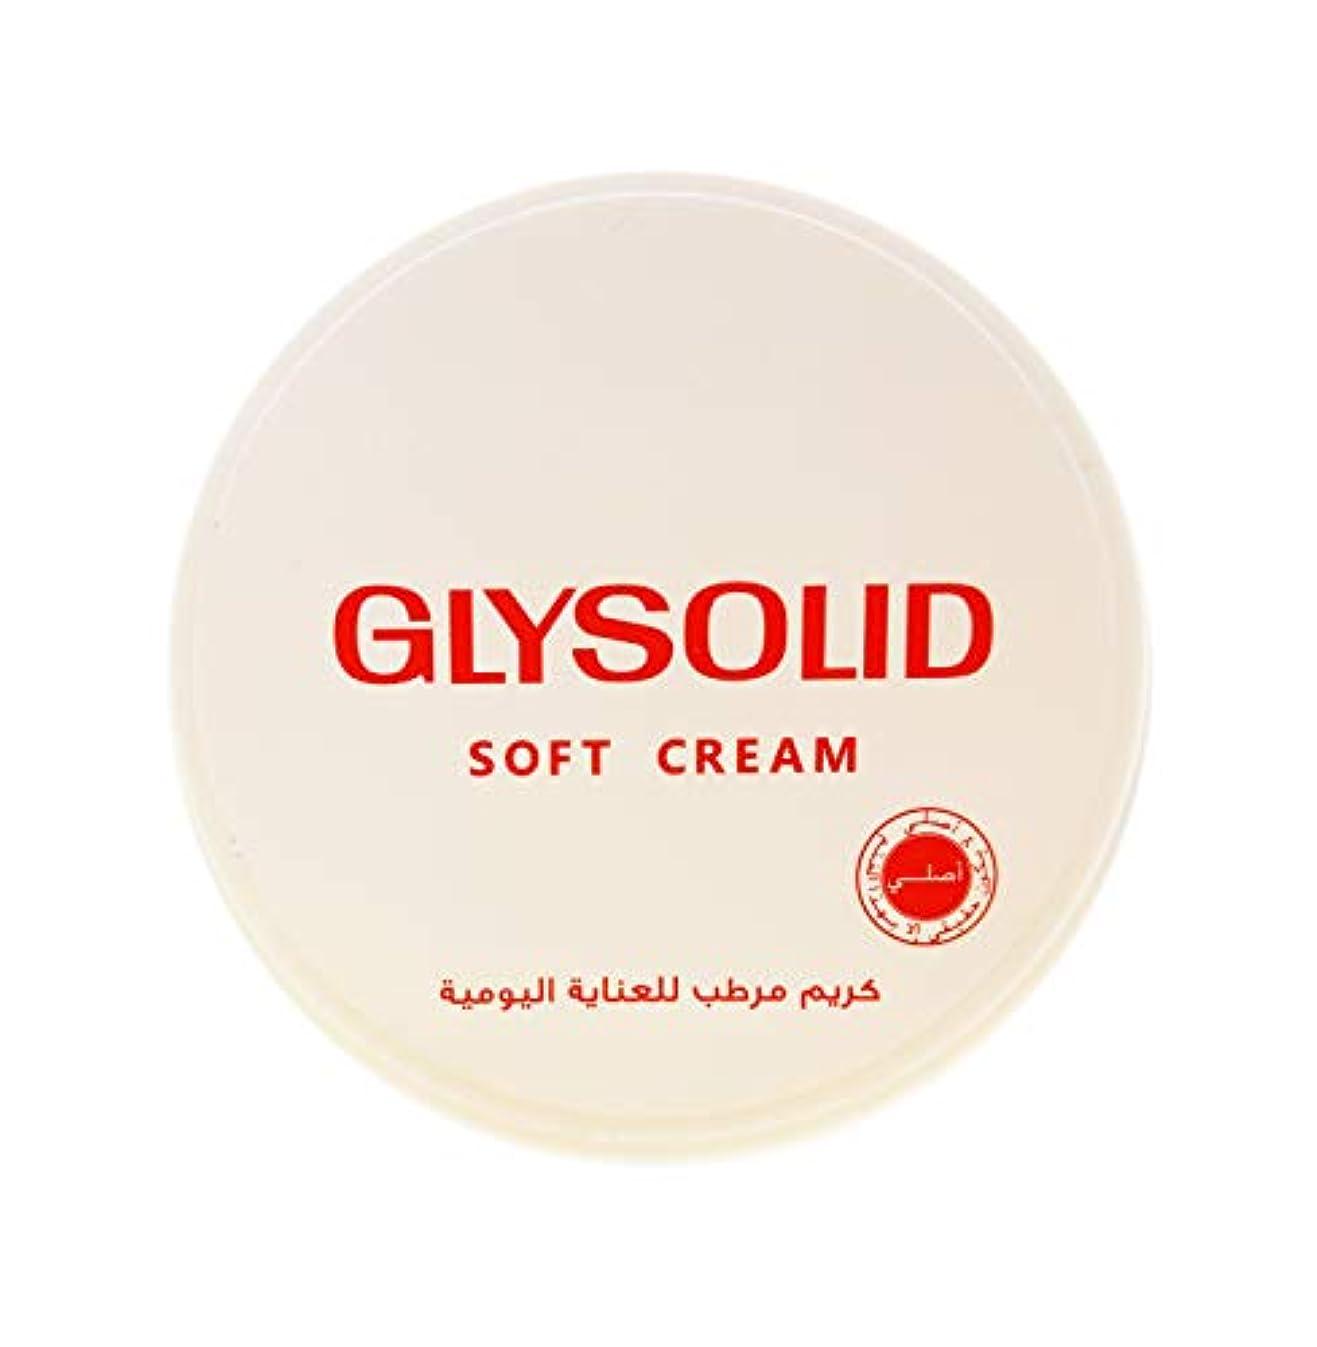 露出度の高い小間にはまってGlysolid Soft Cream Moisturizers For Dry Skin Face Hands Feet Elbow Body Softening With Glycerin Keeping Your...